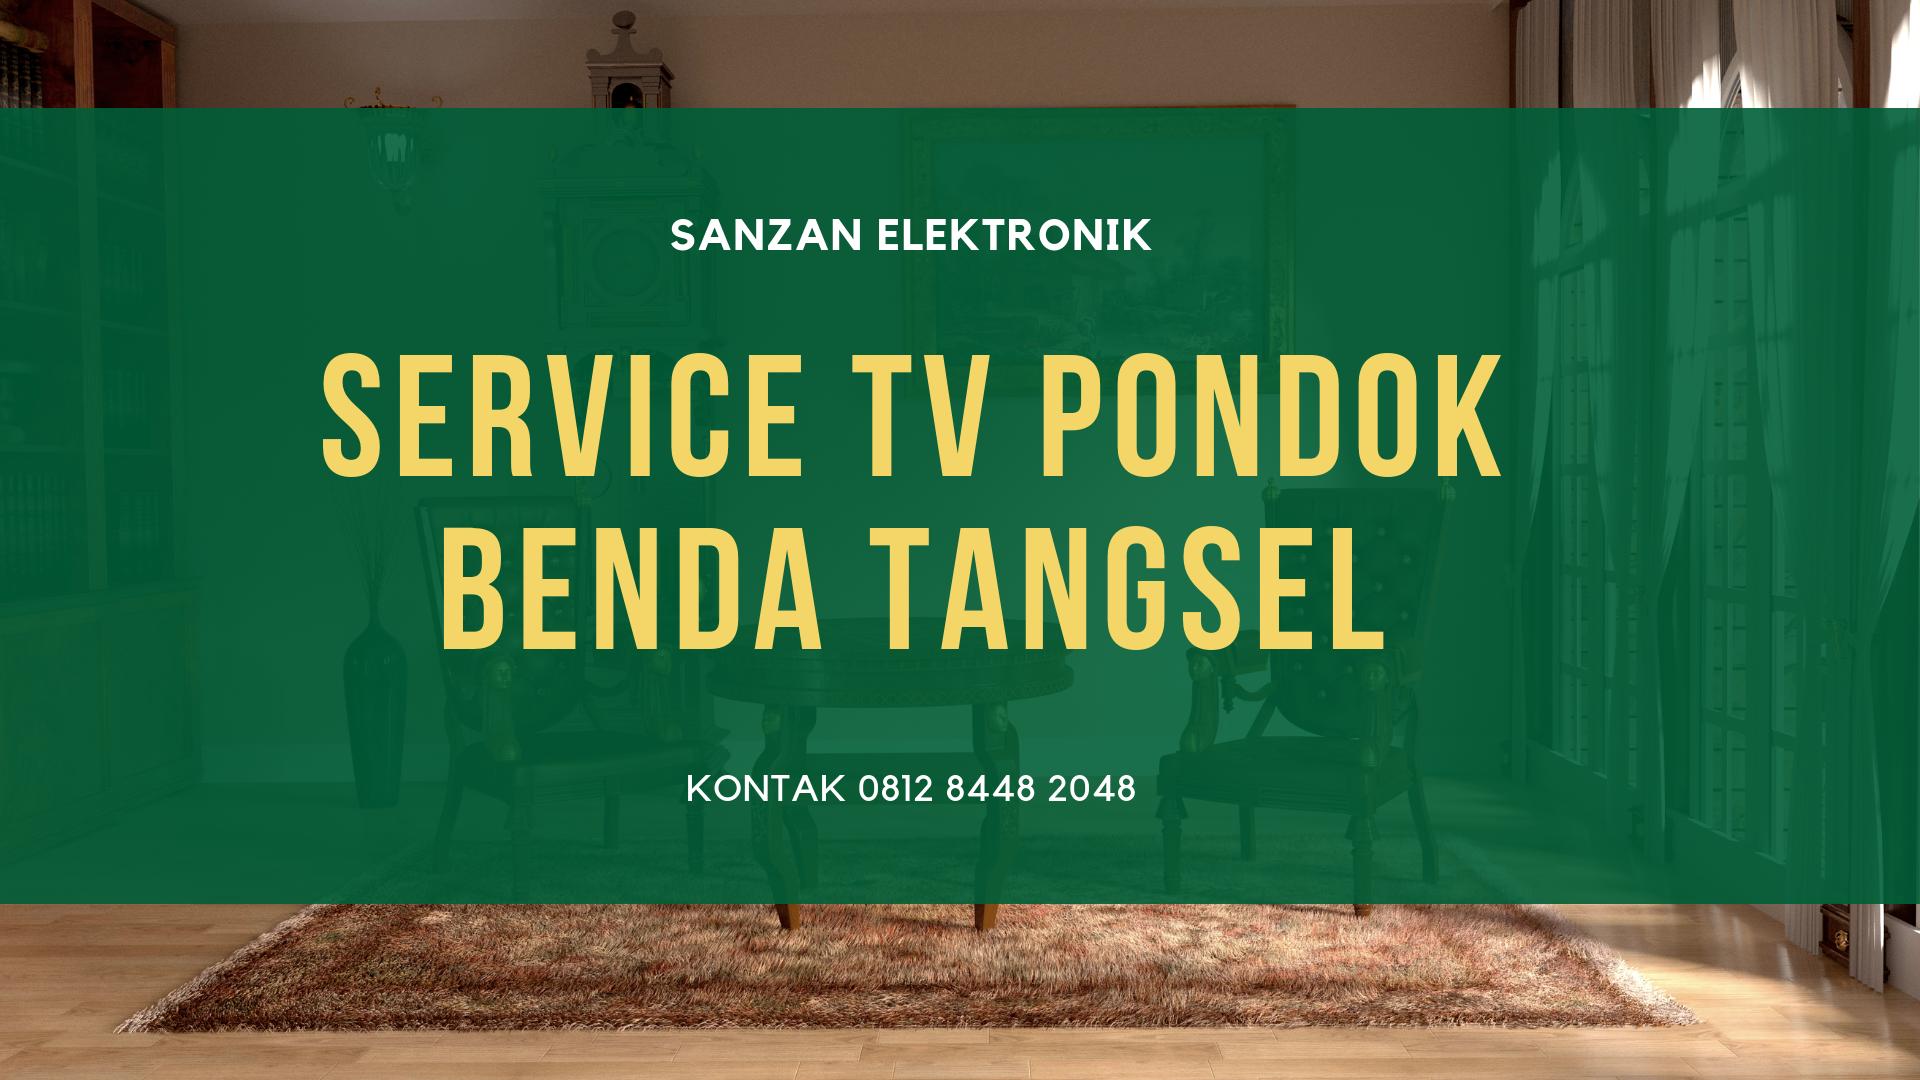 Service TV Pondok Benda Tangsel